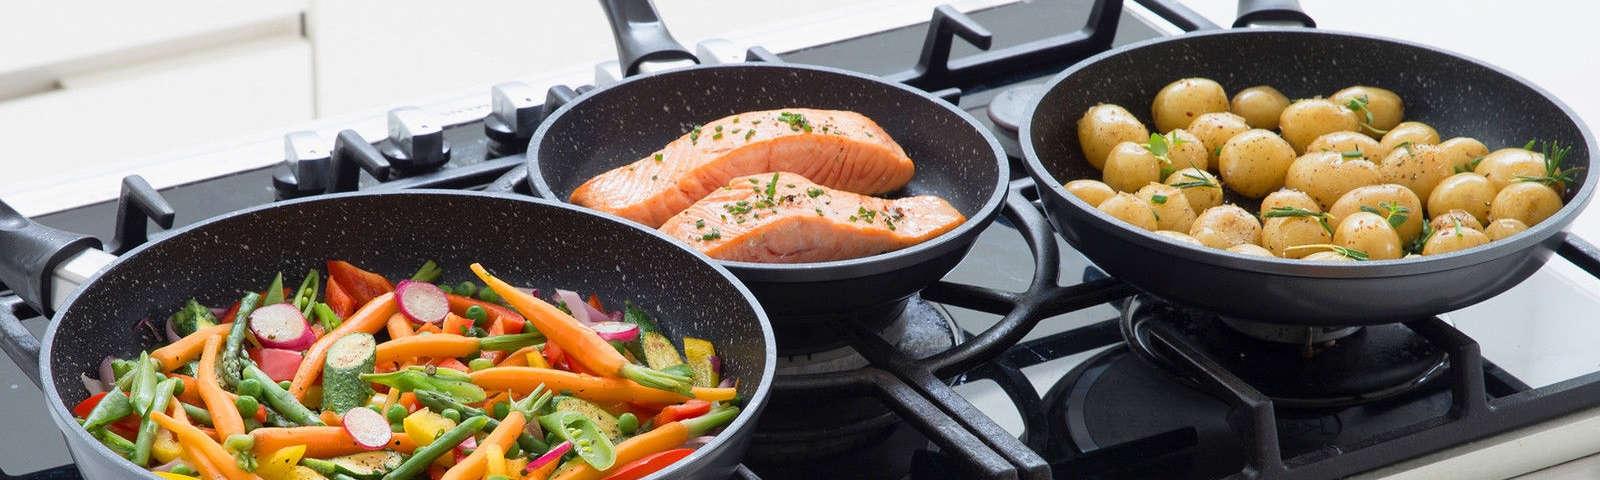 сковородки на плите фото